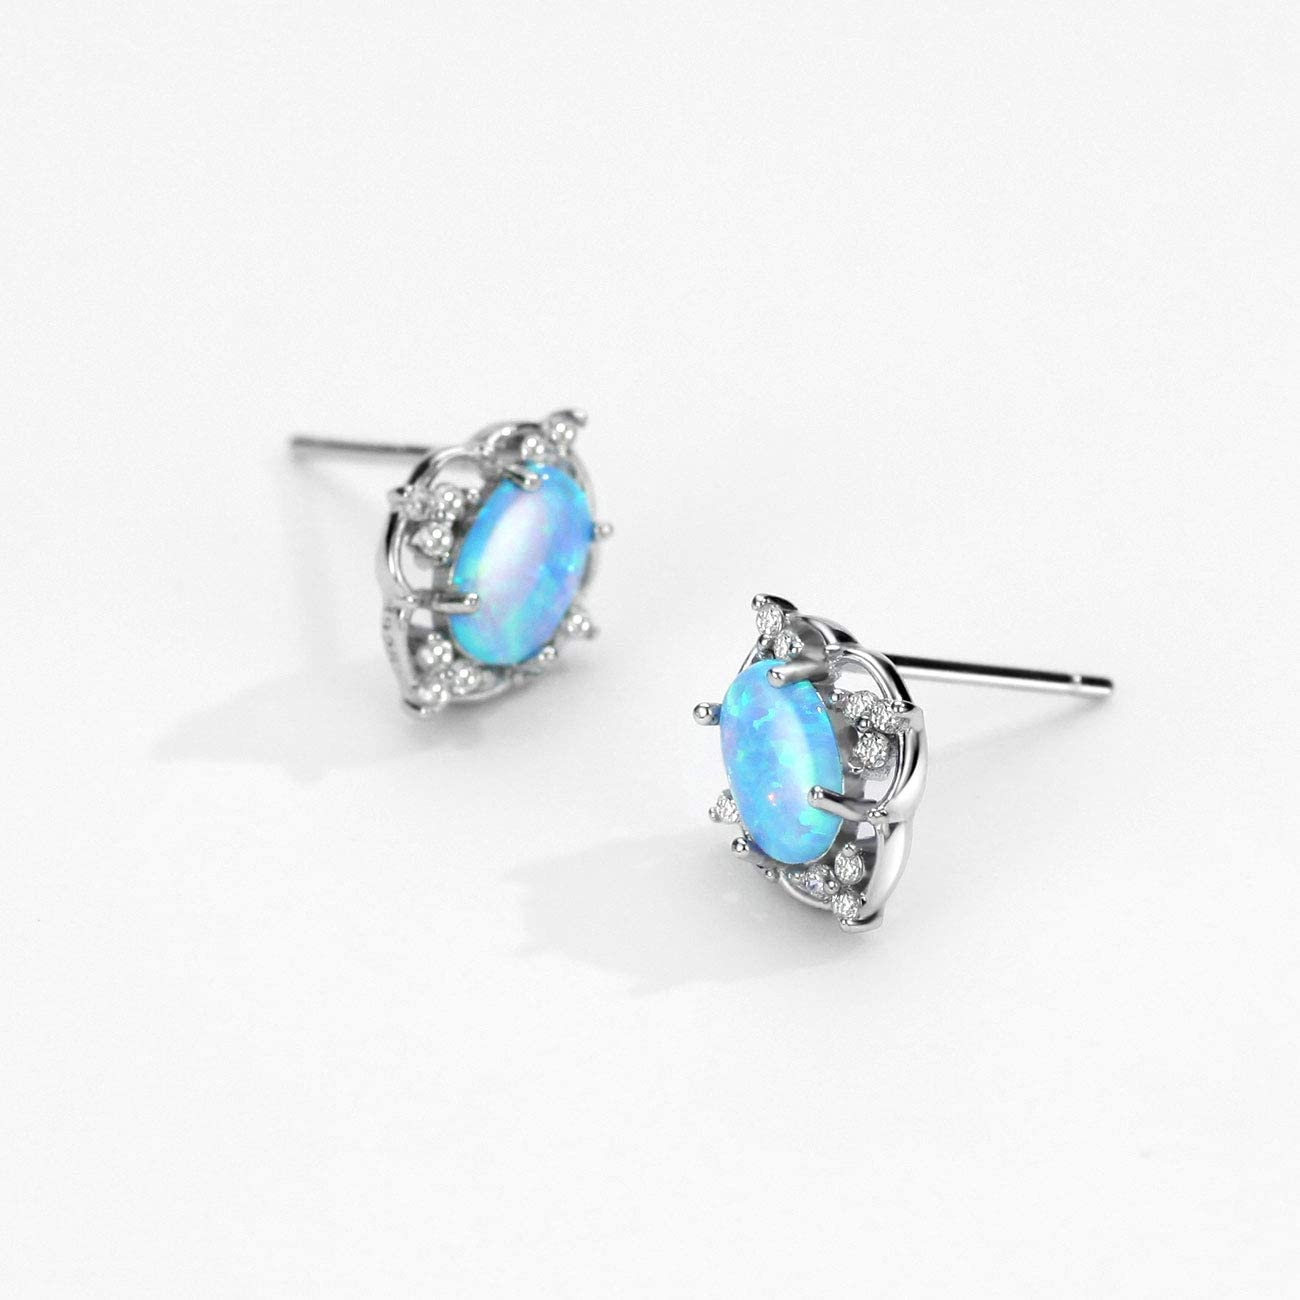 Mints Opal Jewelry Set Filigree Sterling Silver October Birthstone Gemstone Fine Jewelry for Women